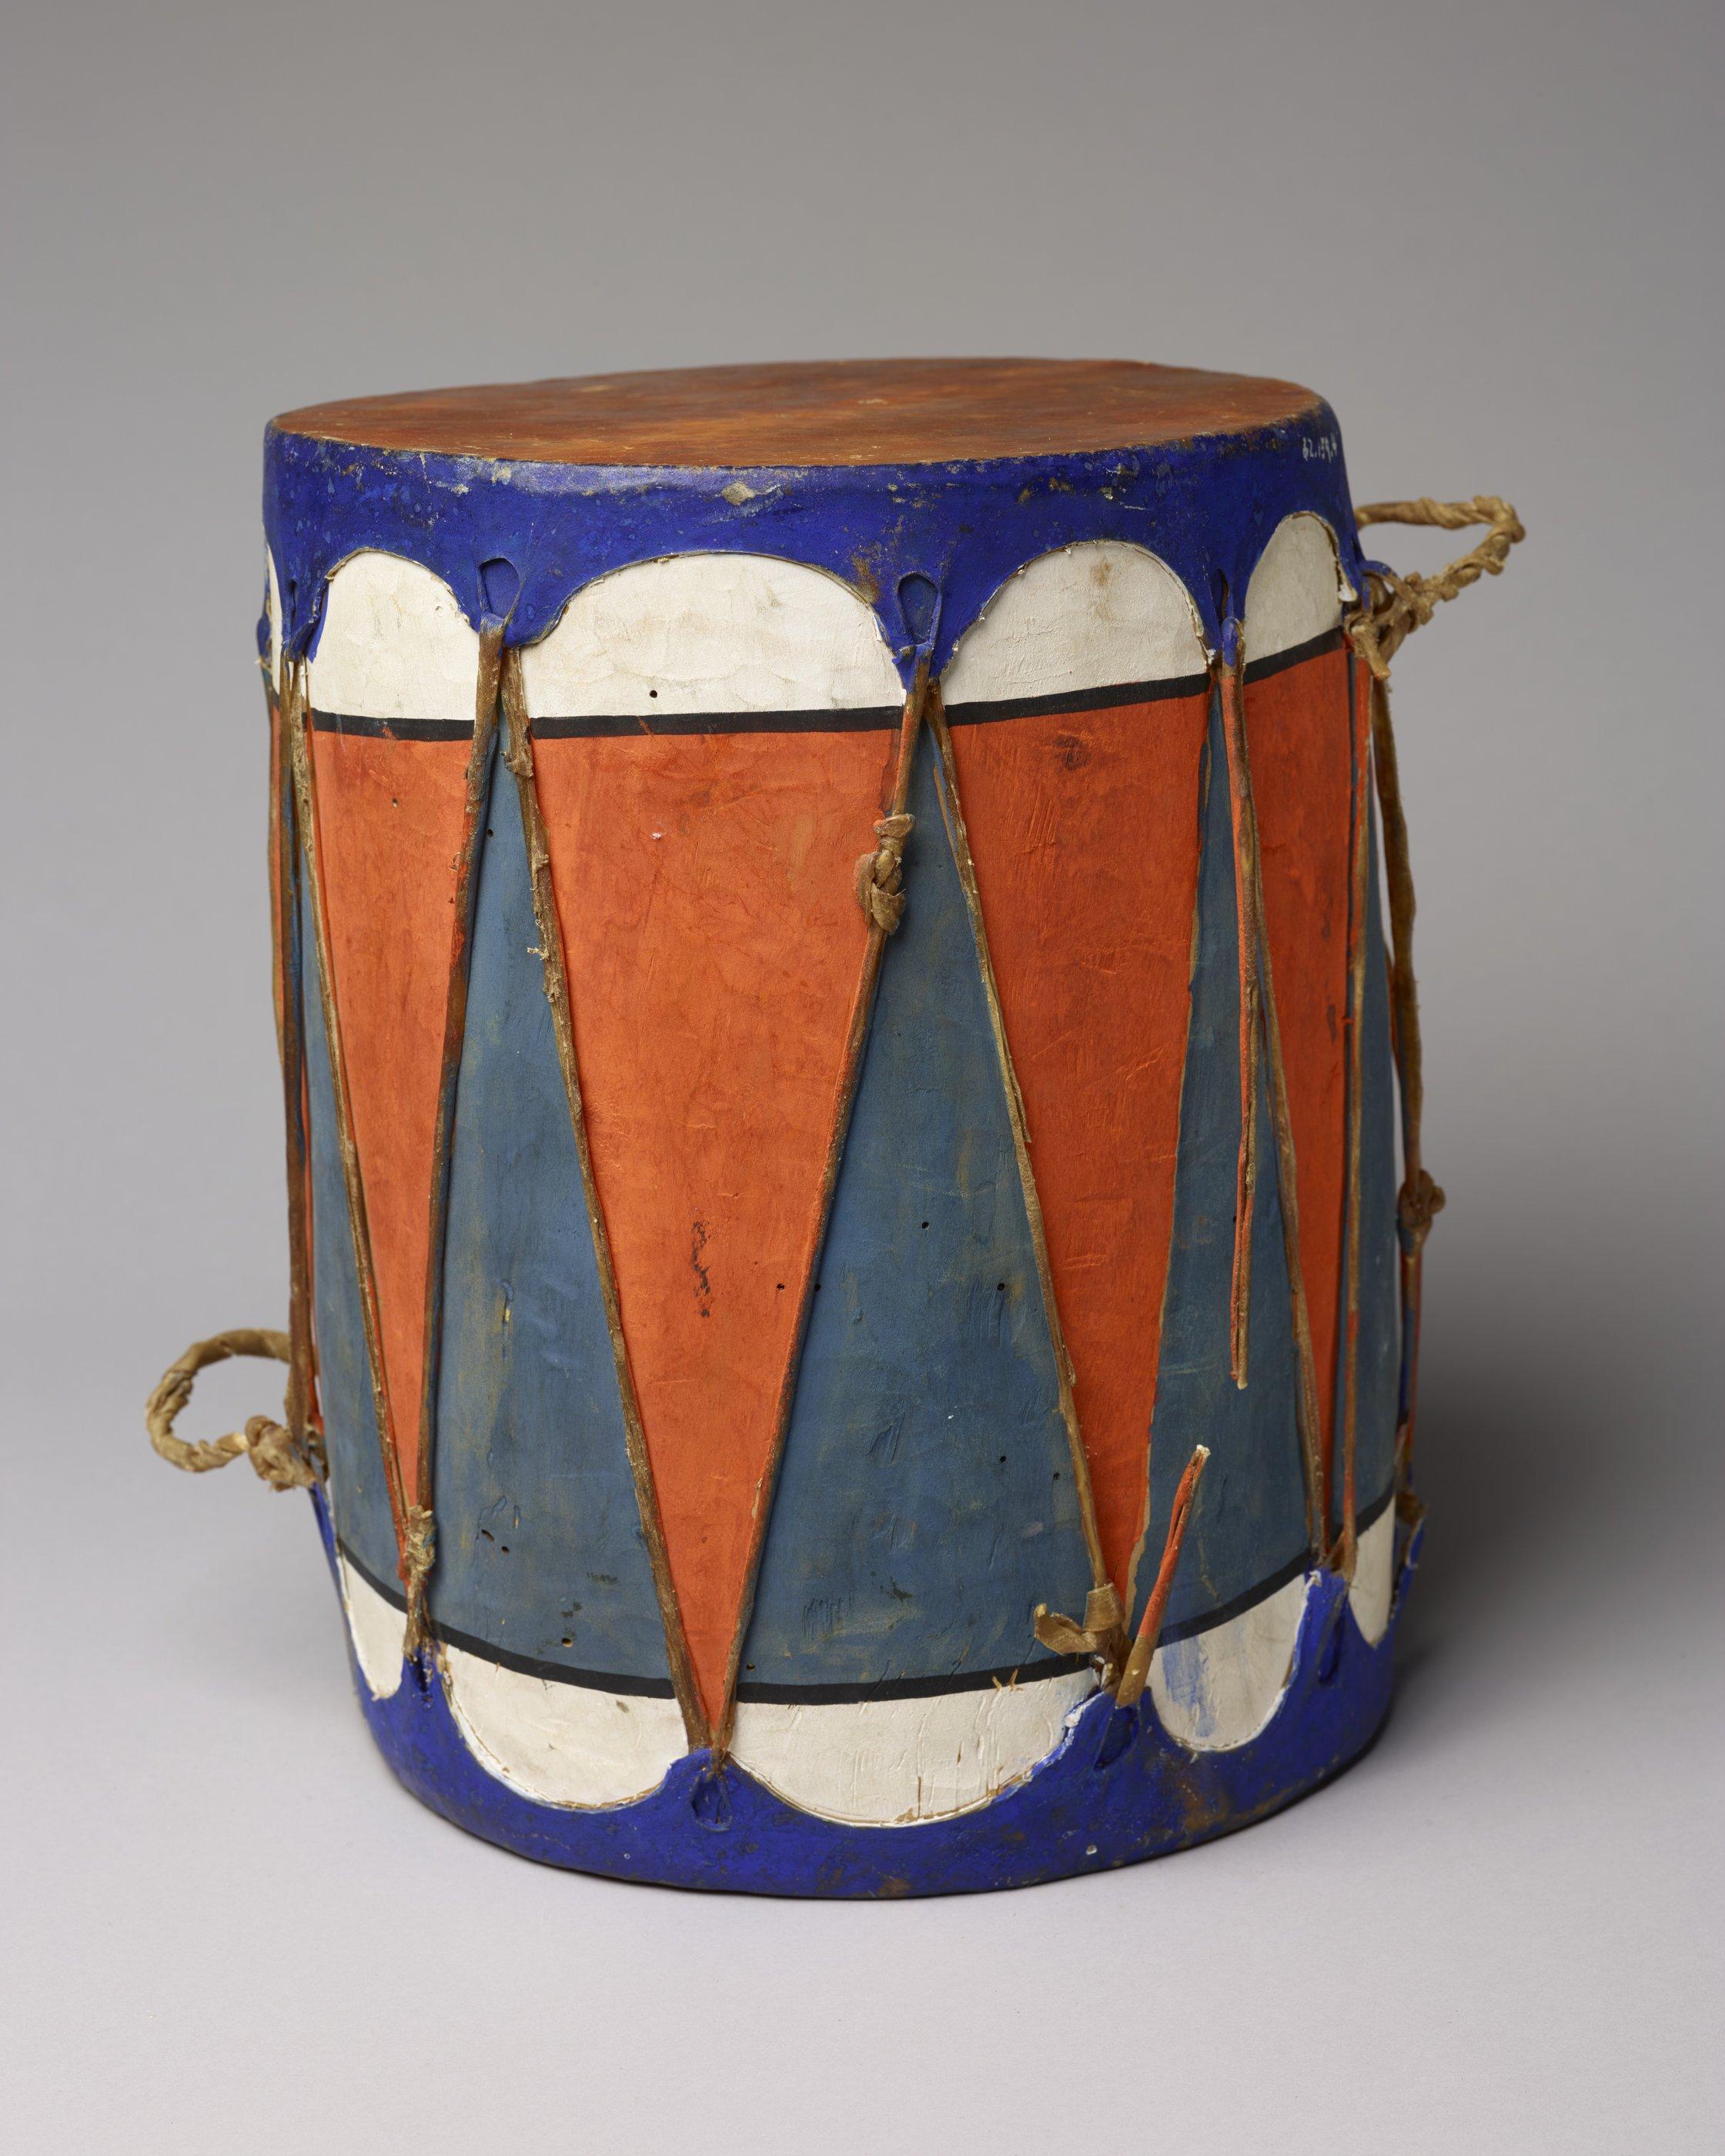 Kaw Drum - 1